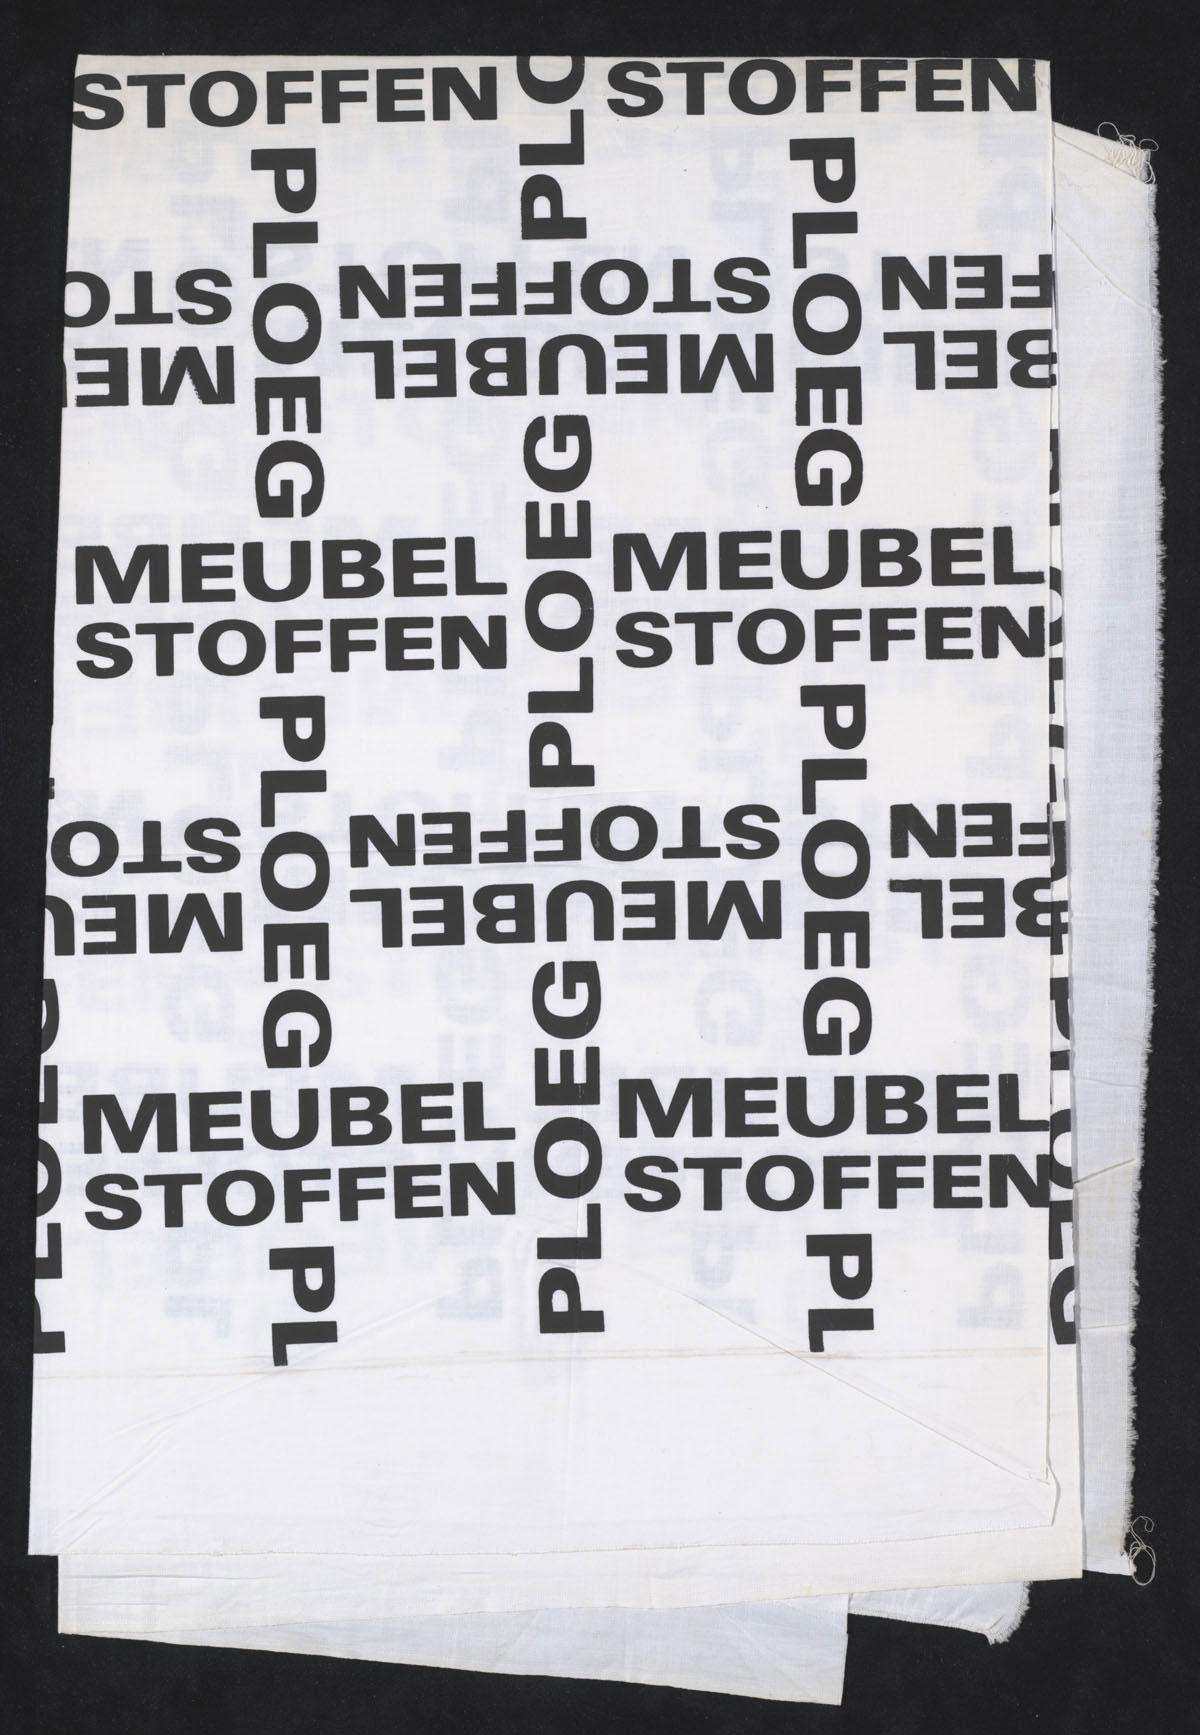 Jurriaan-Schrofer-Ploeg-meubelstoffen